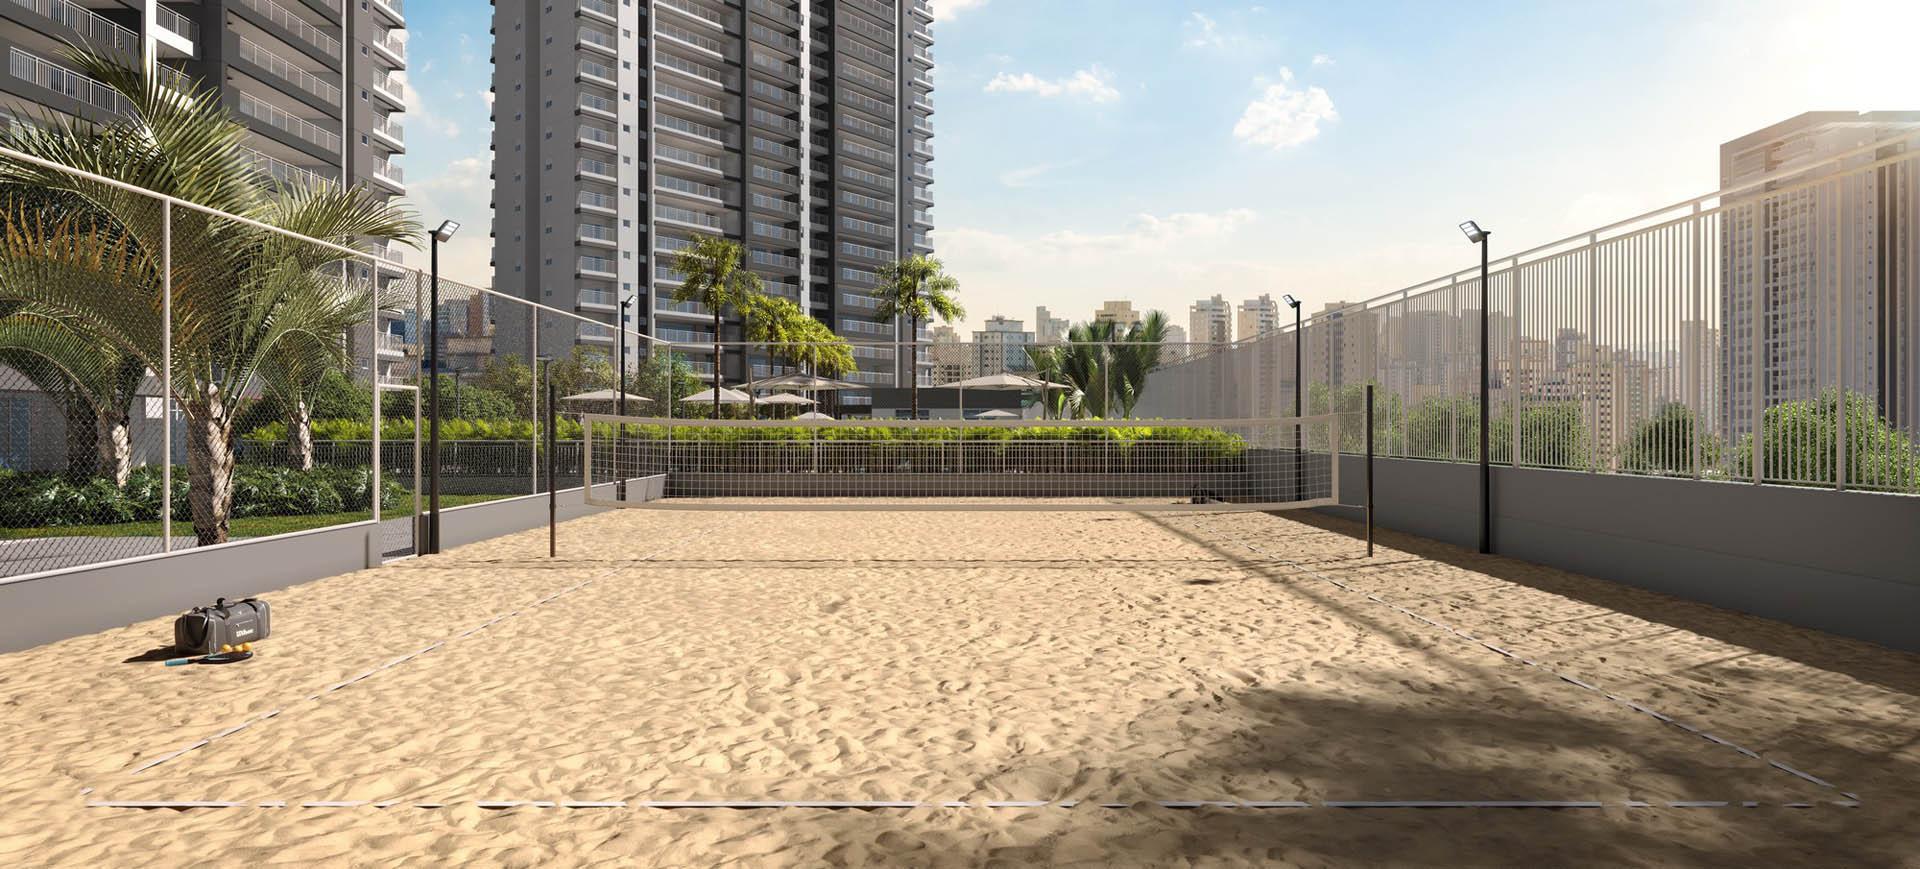 Perspectiva ilustrada da quadra Beach Tennis